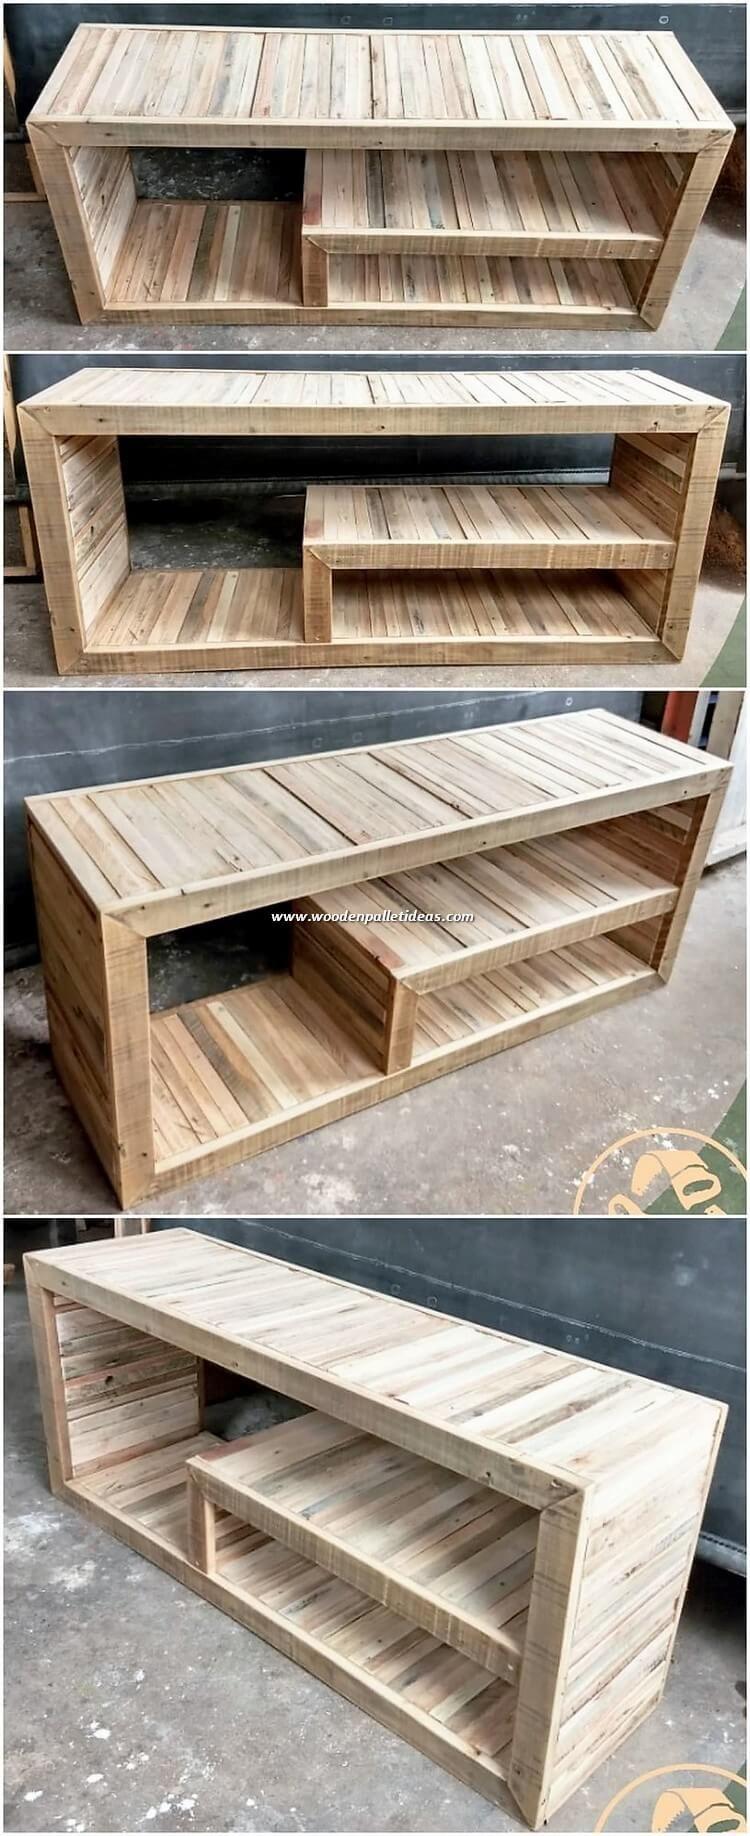 What Can We Build With Old Pallets Meubles De Patio Palette Bricolage Bois Projets En Bois De Palette